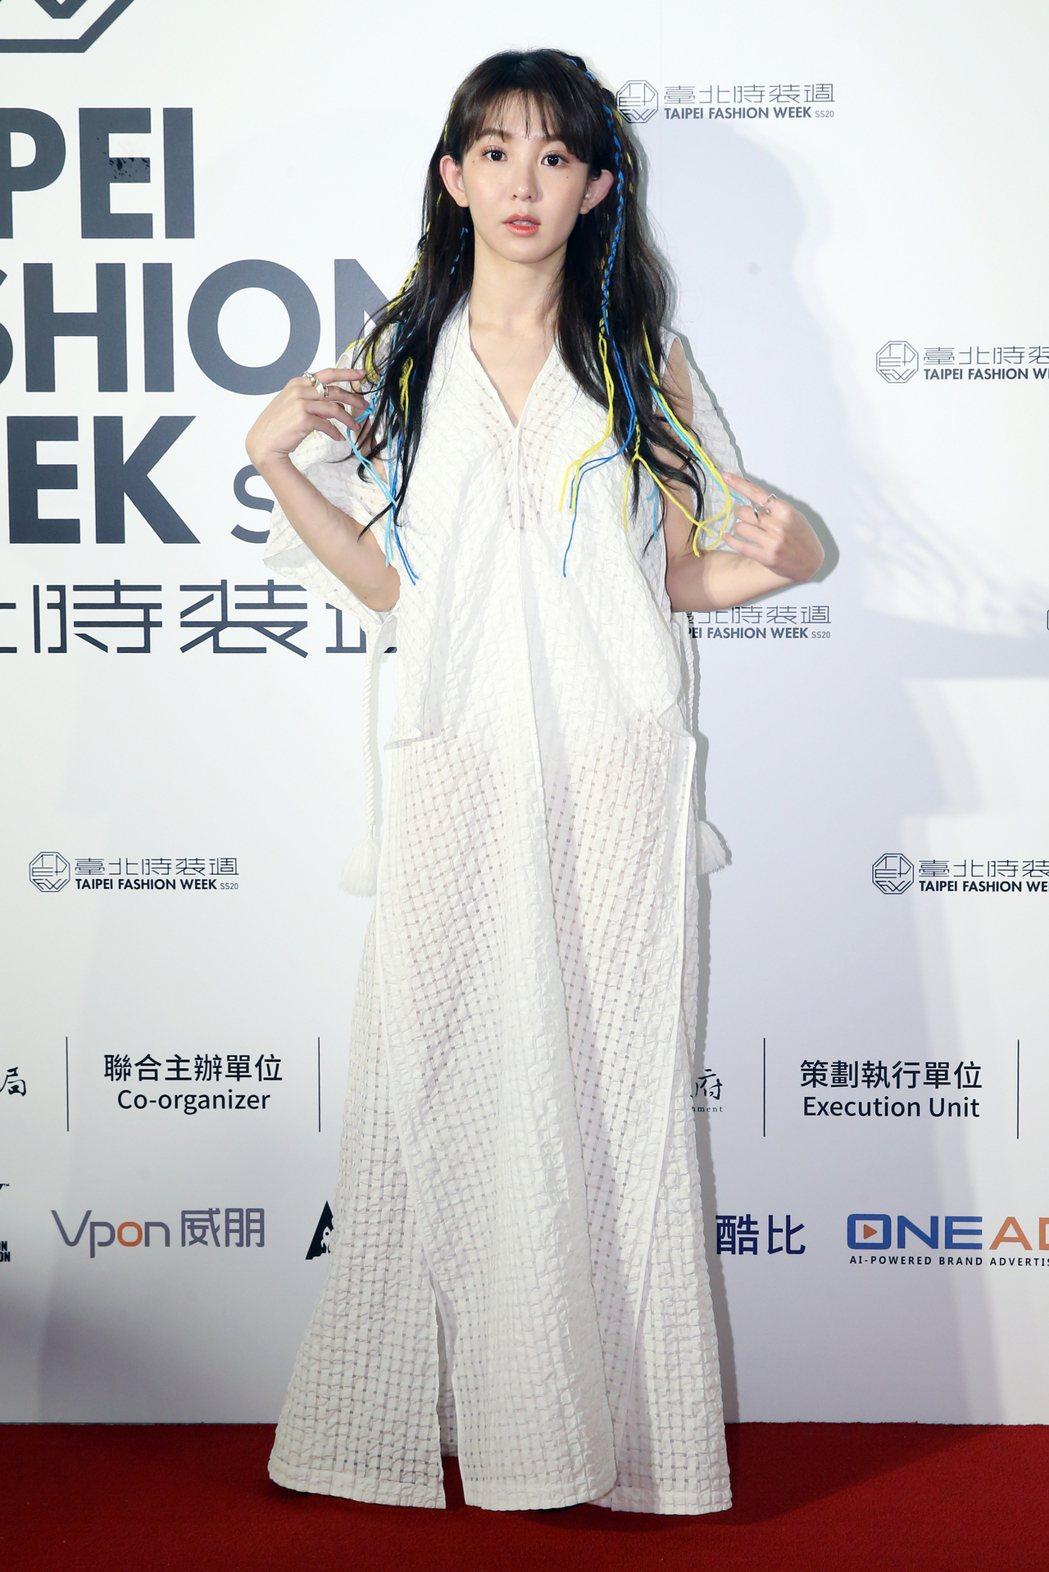 藝人郭書瑤(圖)身著台灣設計師服飾亮相。記者許正宏/攝影